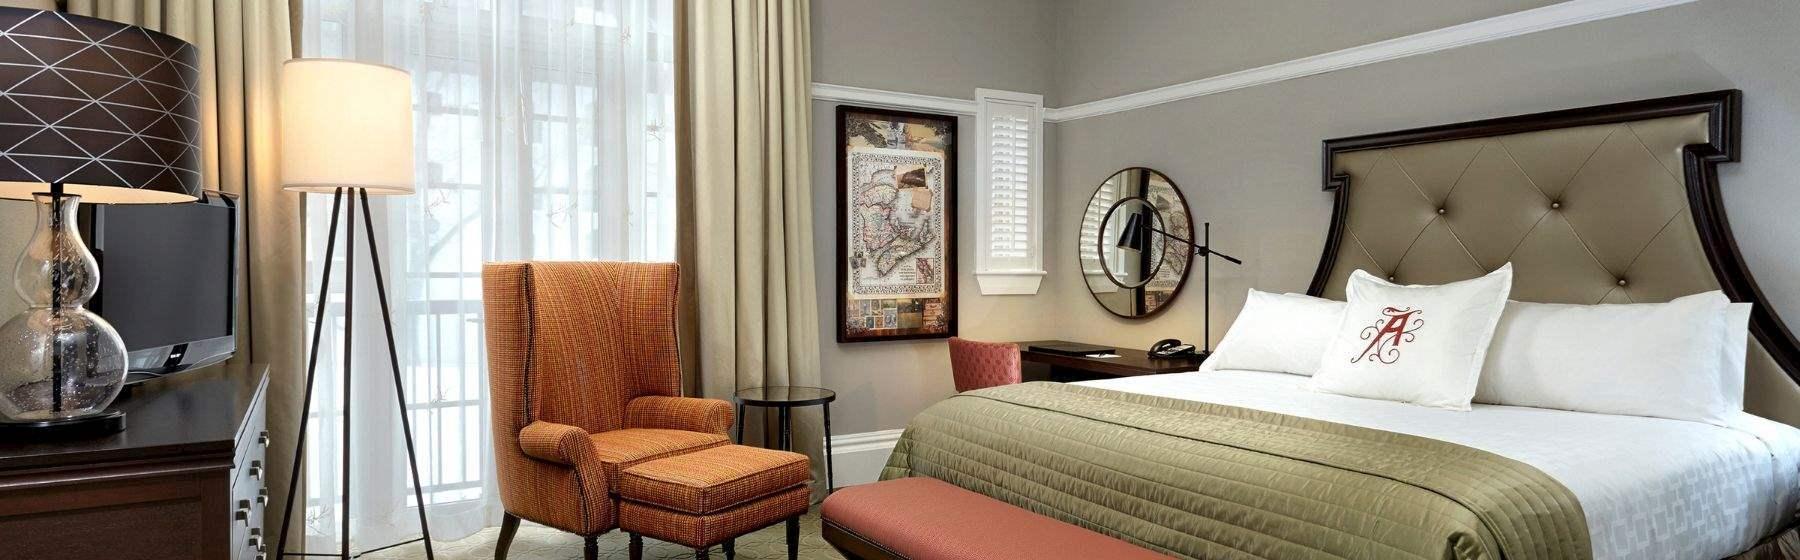 More For Less At Algonquin Resort